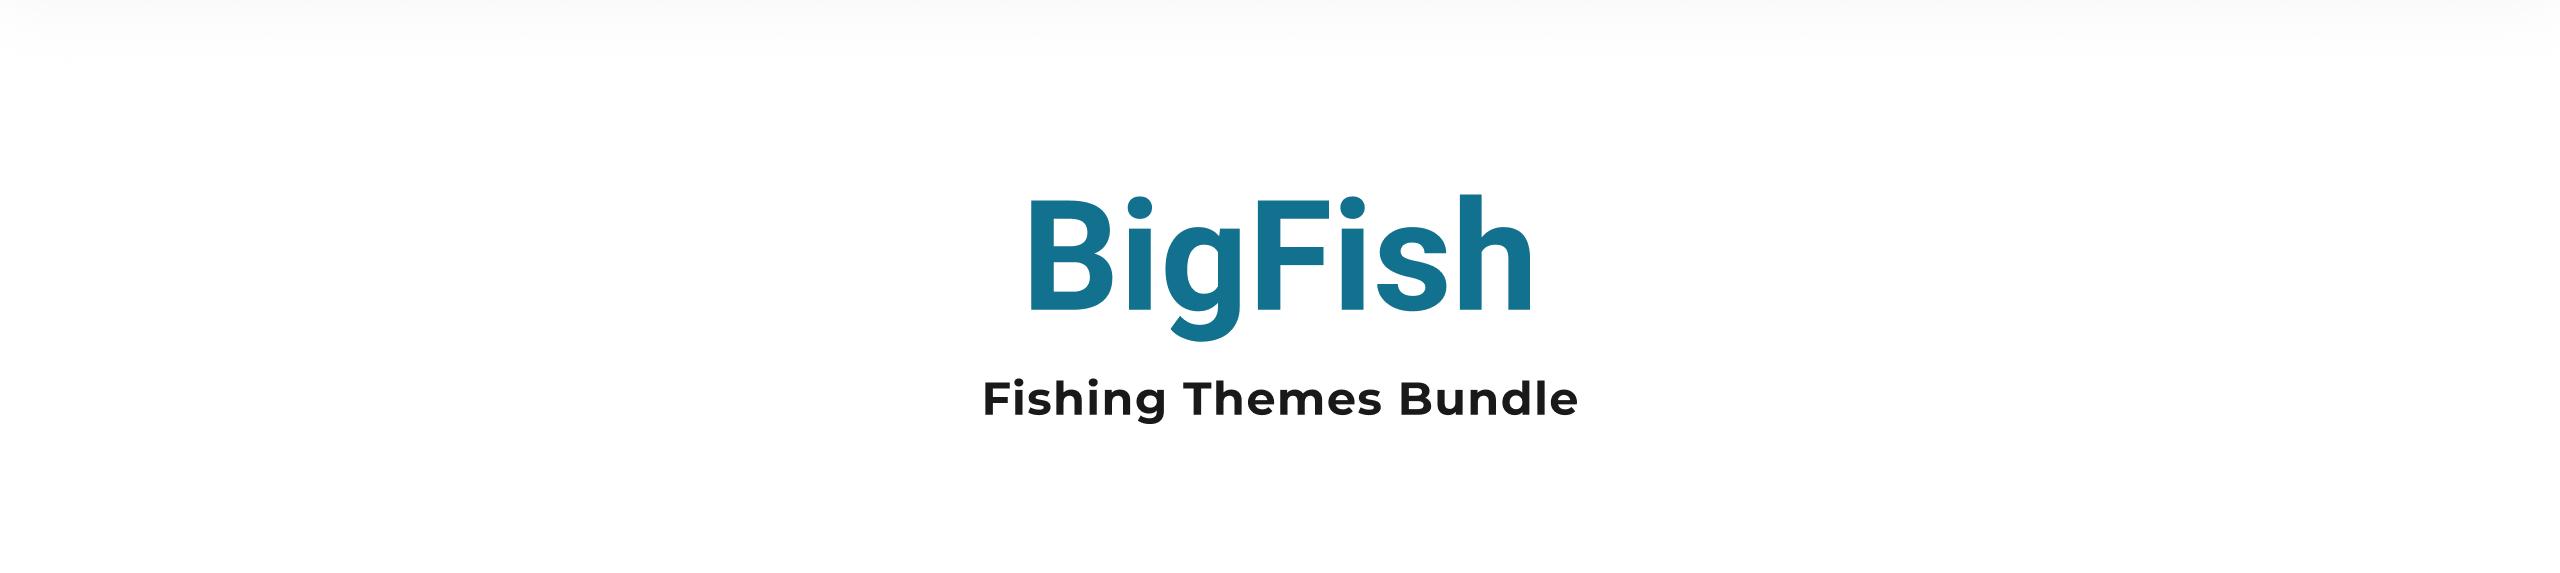 Fishing Themes Bundle Shopify Theme